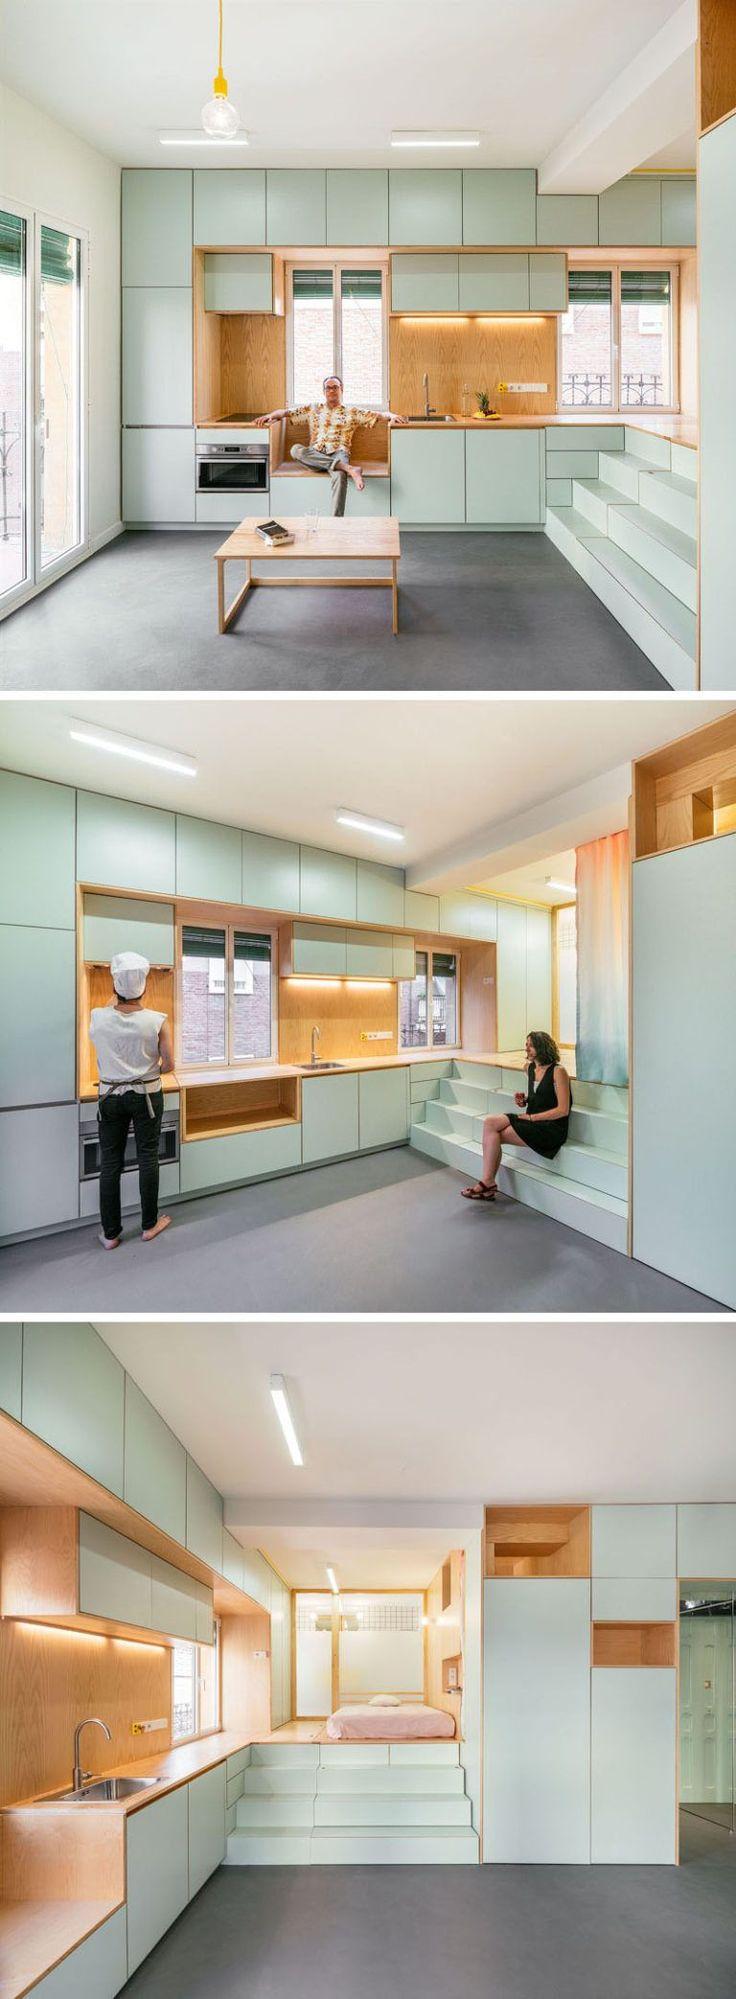 Atractivo Muebles De Cocina Medallón Menards Regalo - Ideas de ...